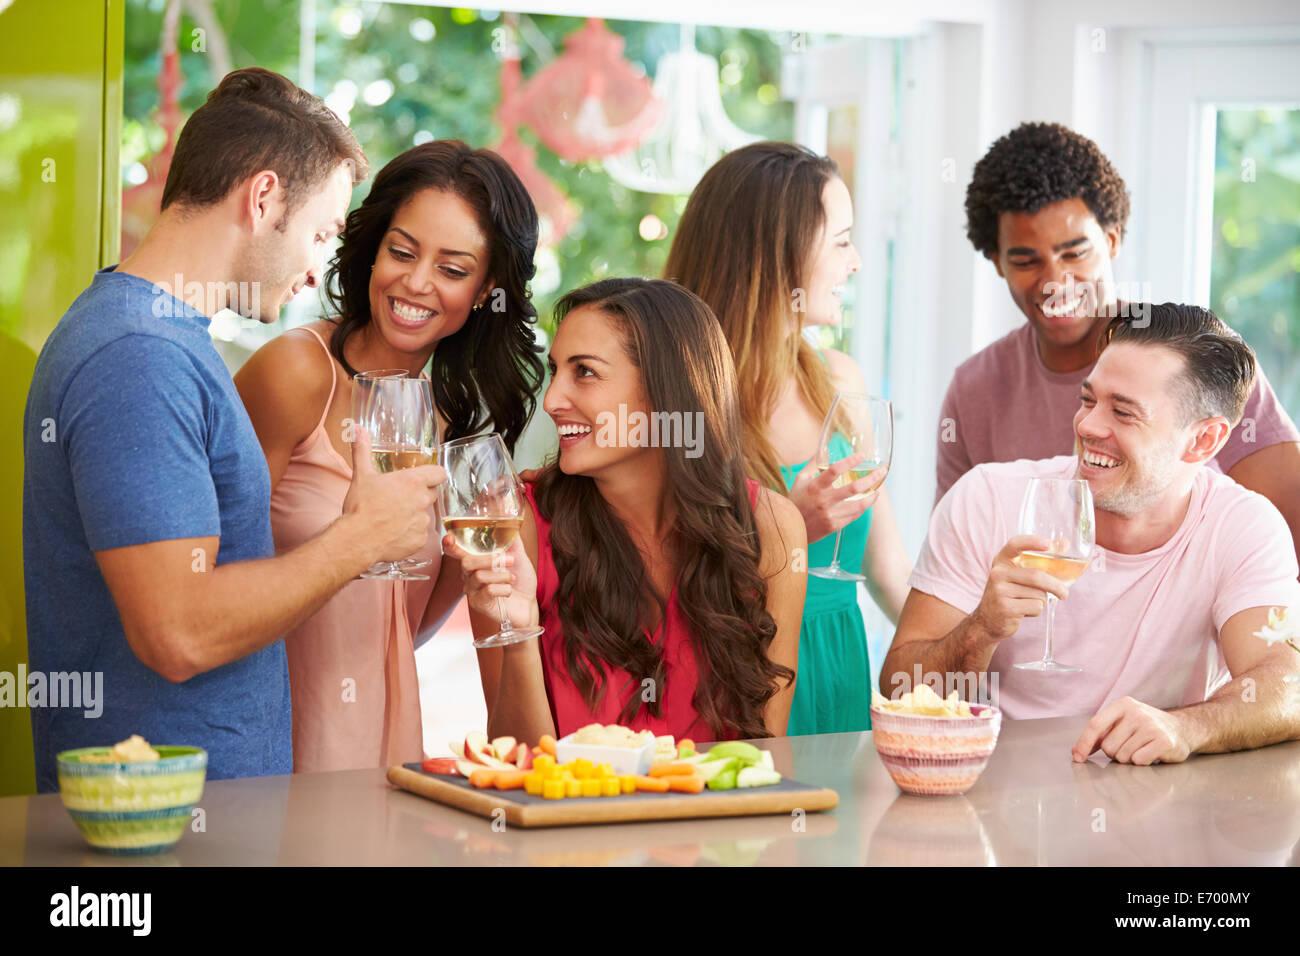 Gruppe von Freunden genießen Getränke Party zu Hause Stockbild